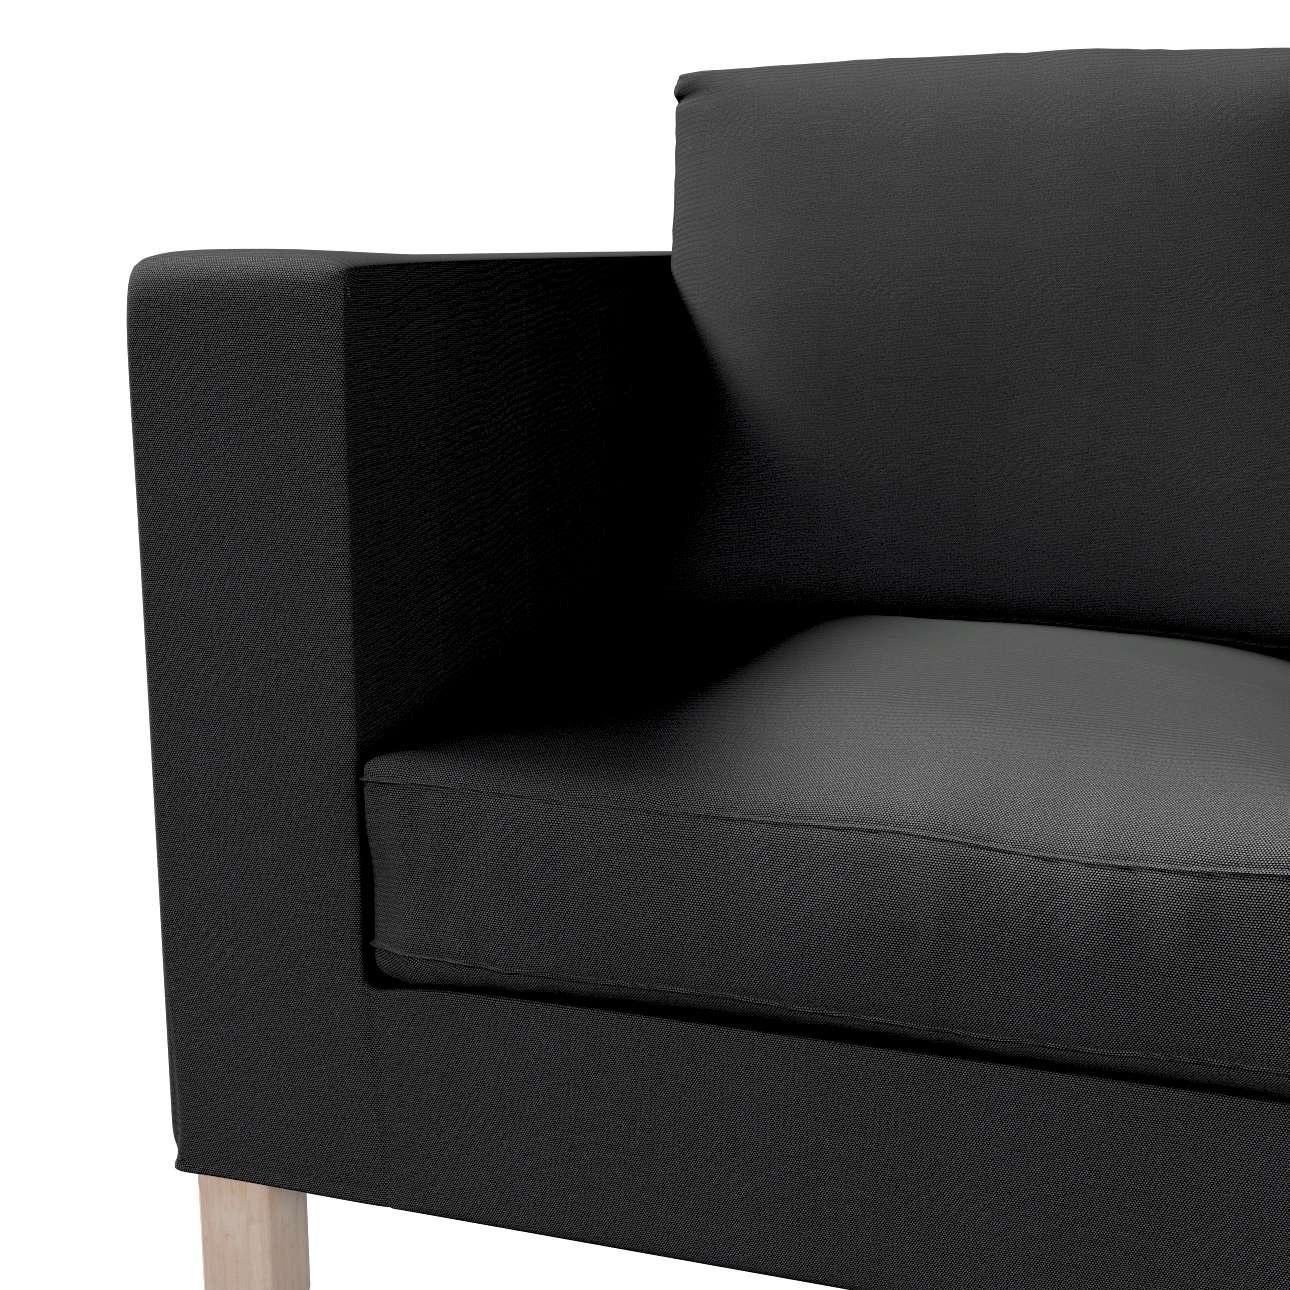 Karlanda 2-Sitzer Sofabezug nicht ausklappbar kurz von der Kollektion Etna, Stoff: 705-00